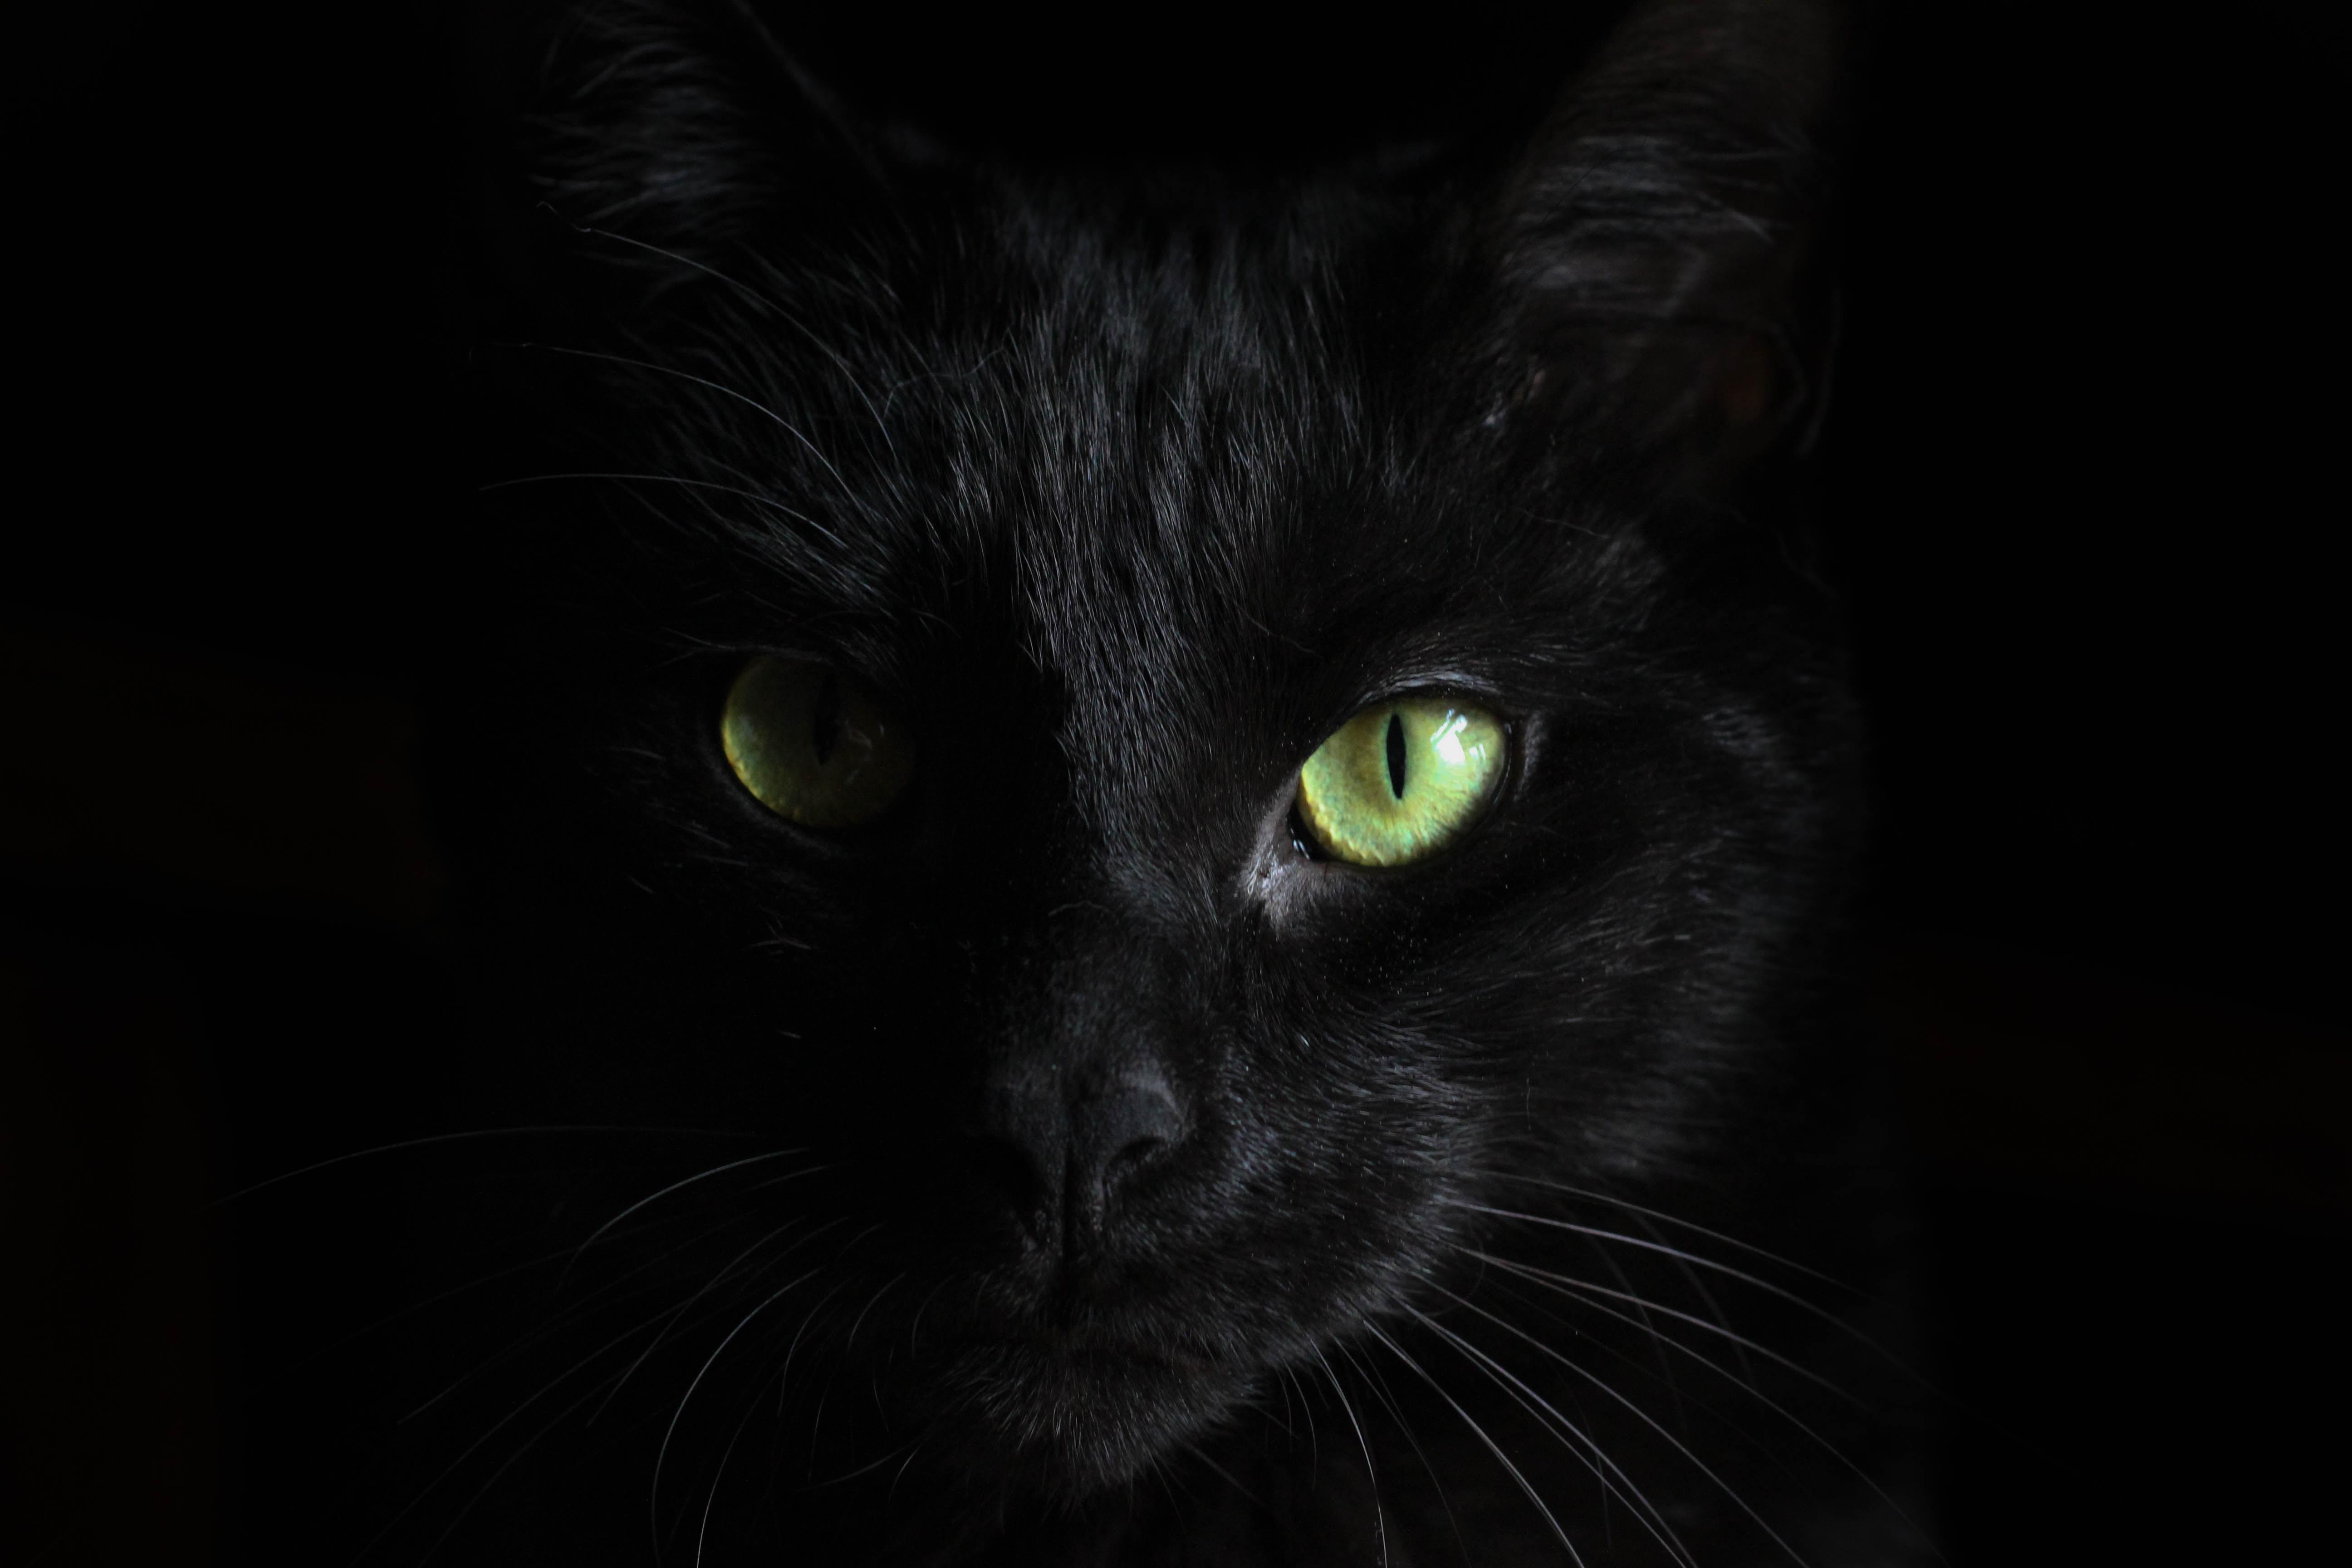 Hình nền màu đen mắt mèo